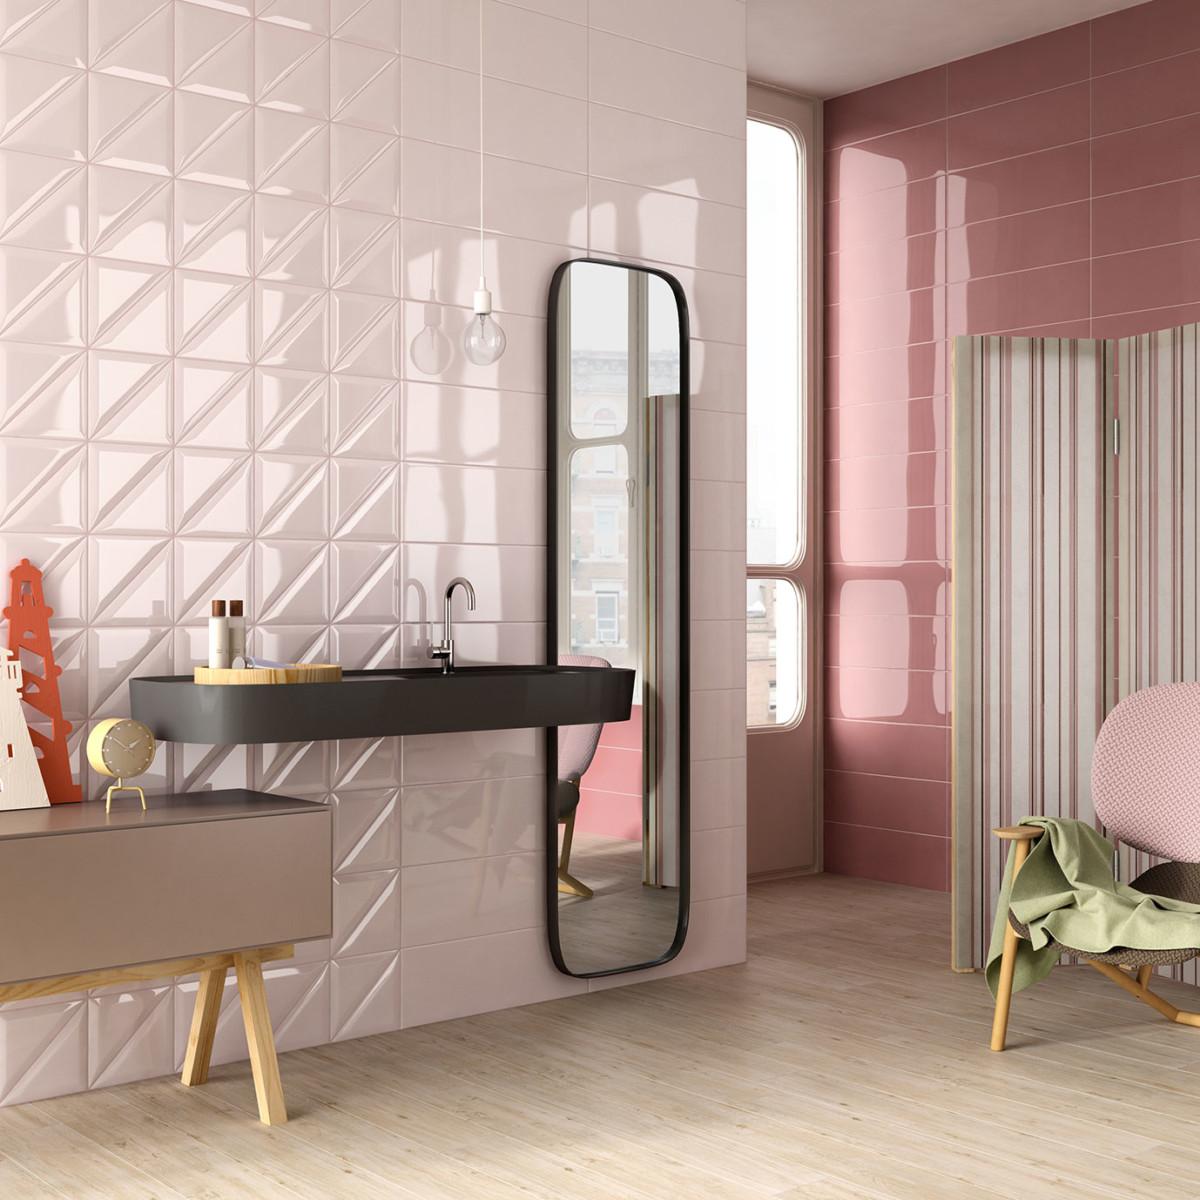 Azulejos de colores para renovar la decoraci n de los ambientes azulejos pe a - Decoracion de azulejos ...